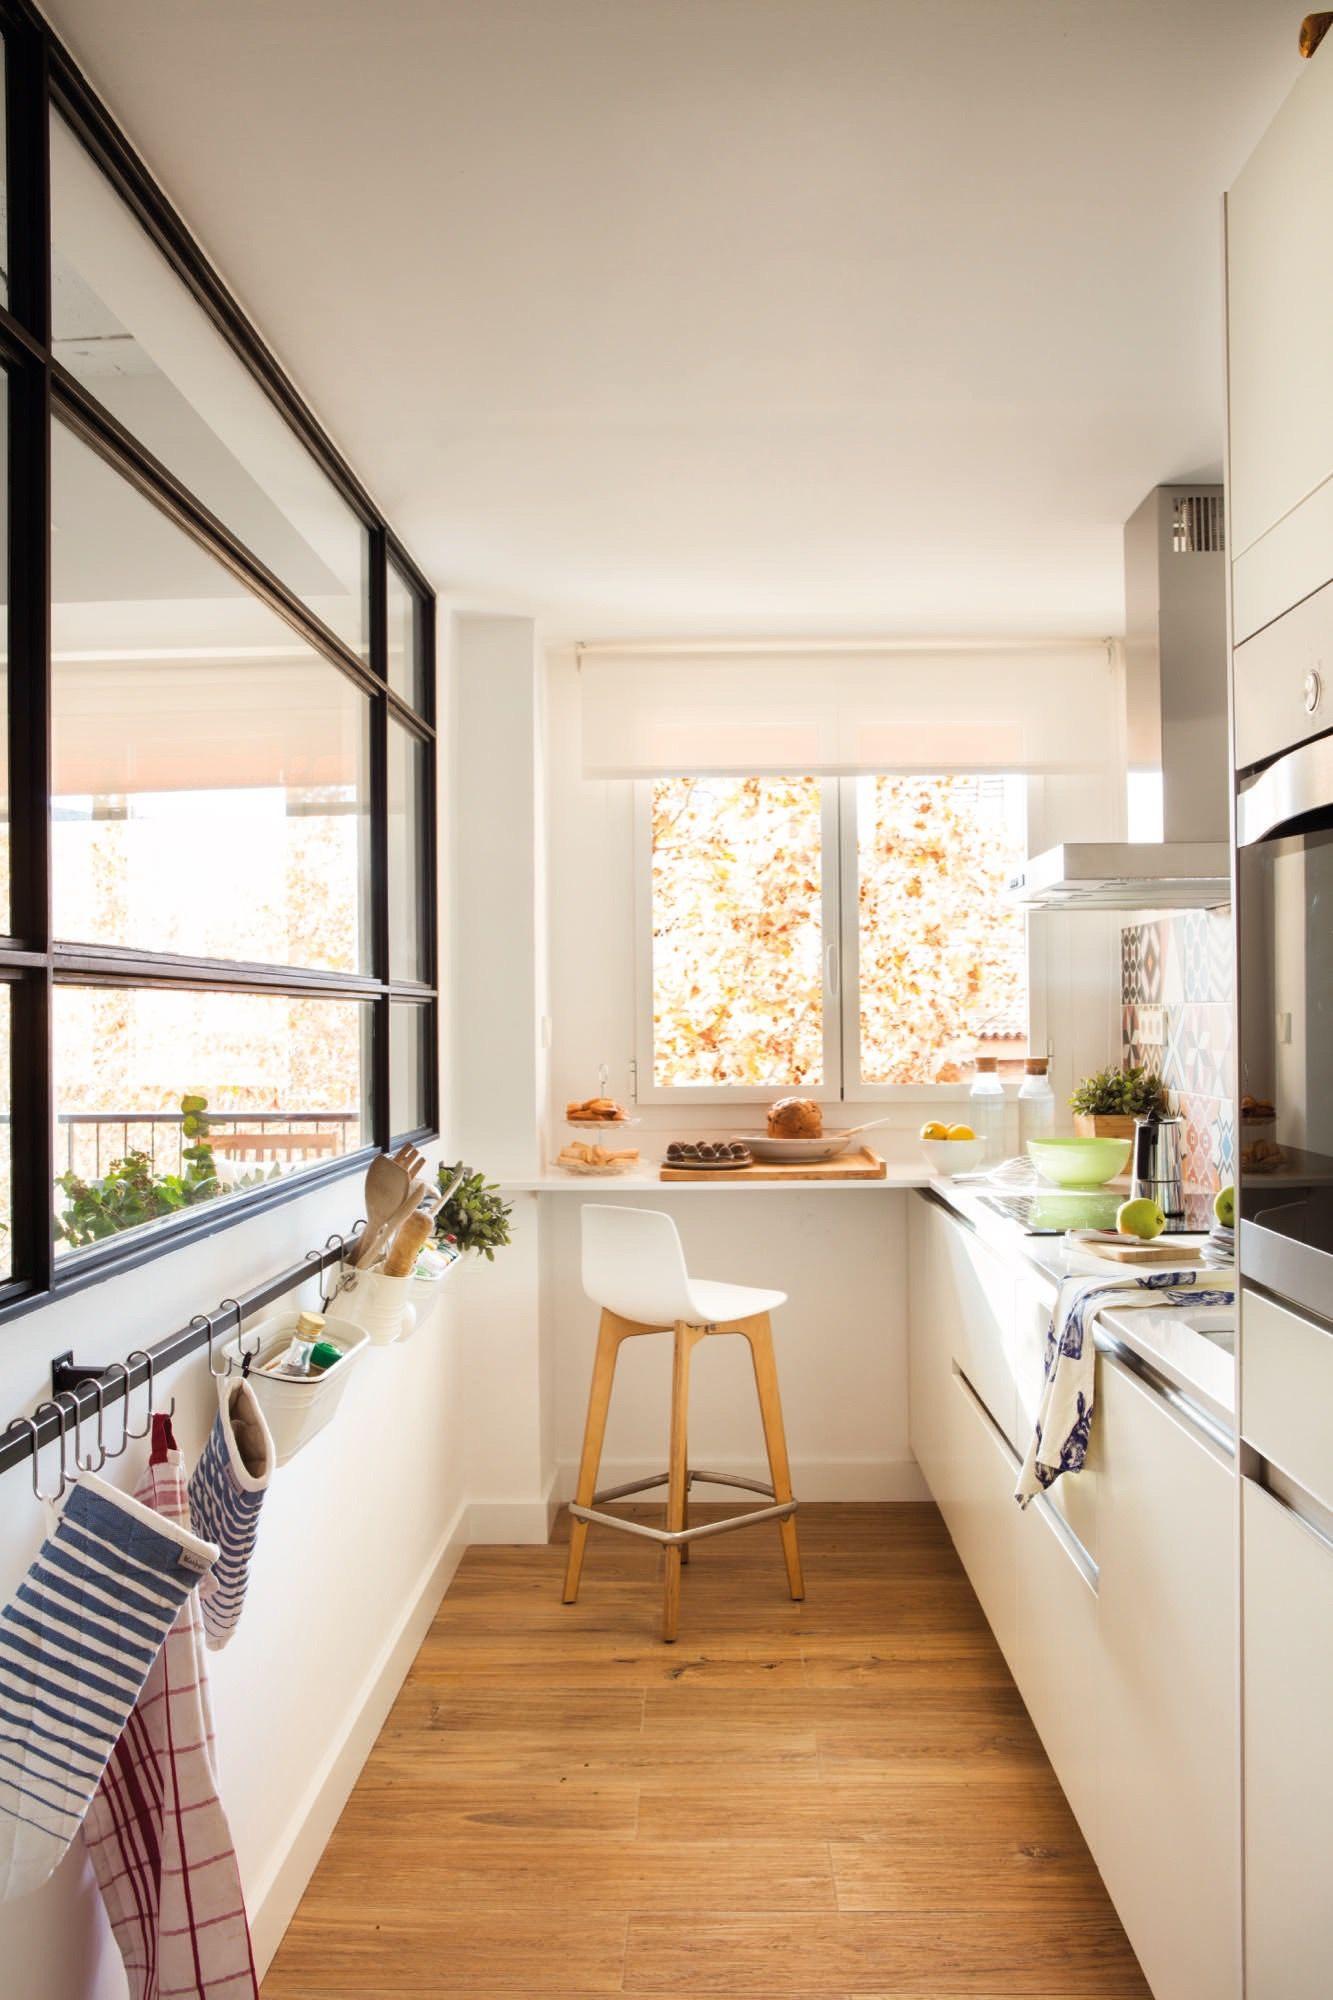 Una cocina peque a con barra de desayuno y ventana interior cocinas pinterest cocinas - Cocinas con barra de desayuno ...